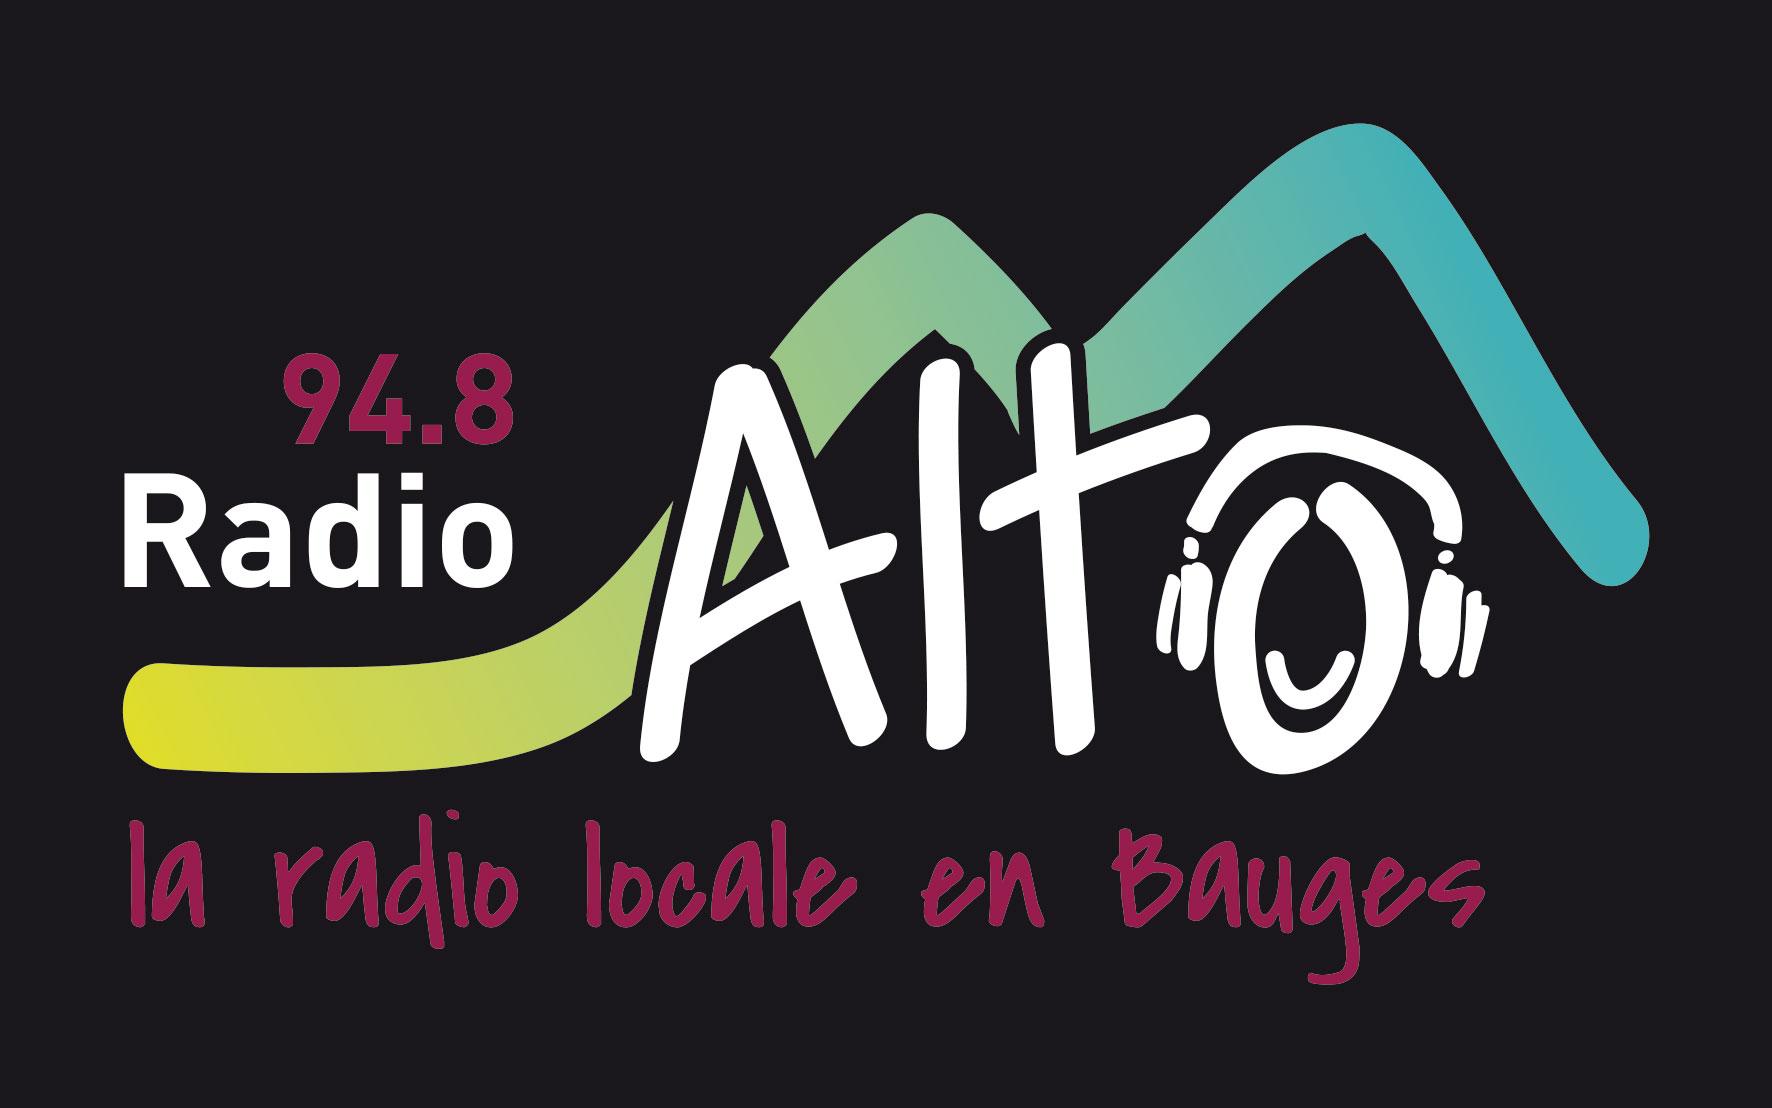 RadioAlto-logo-baselineRadio-fondnoir